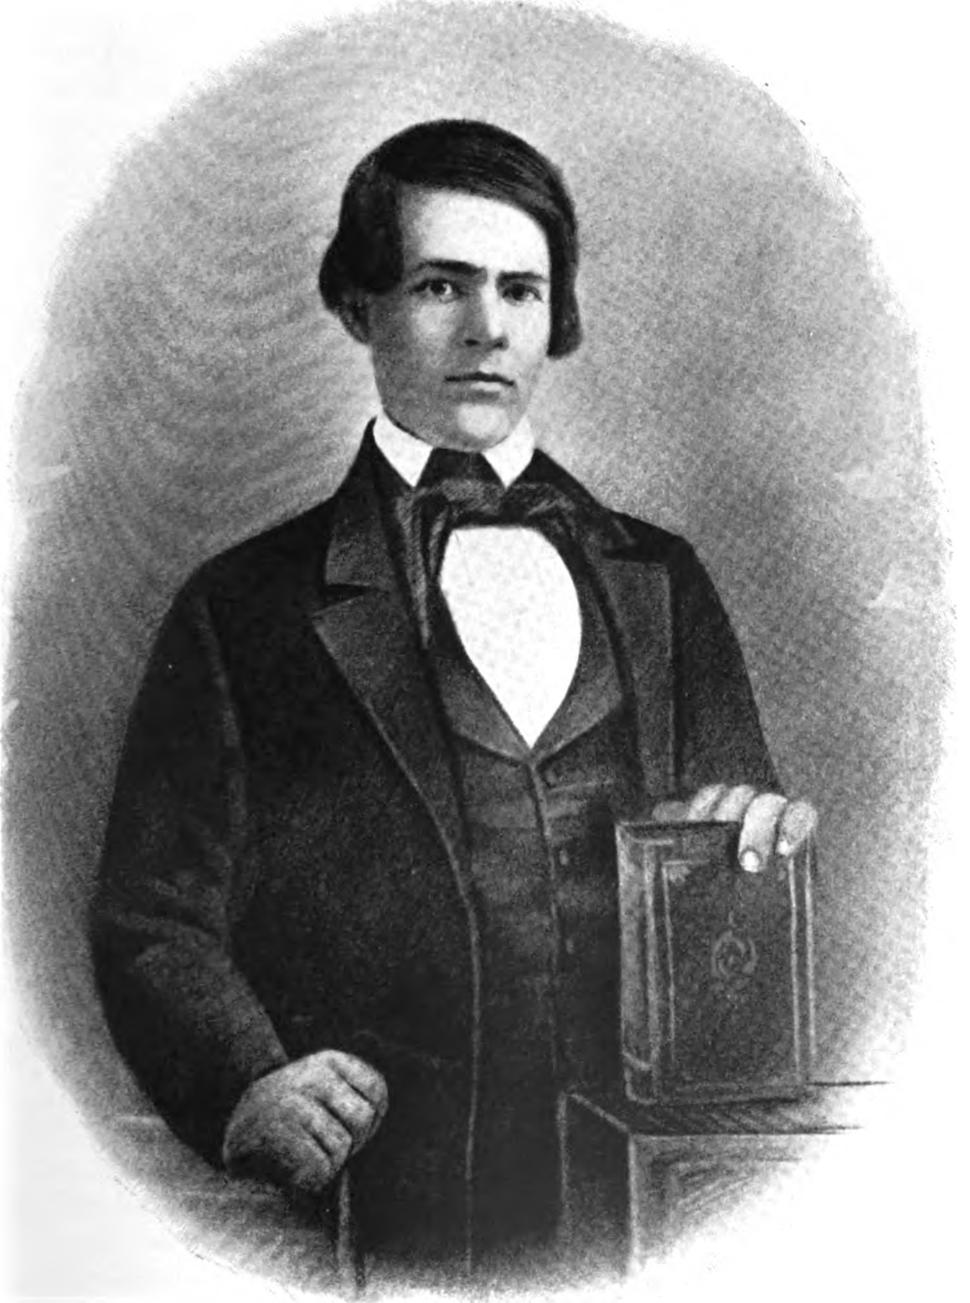 John Sherman age 19